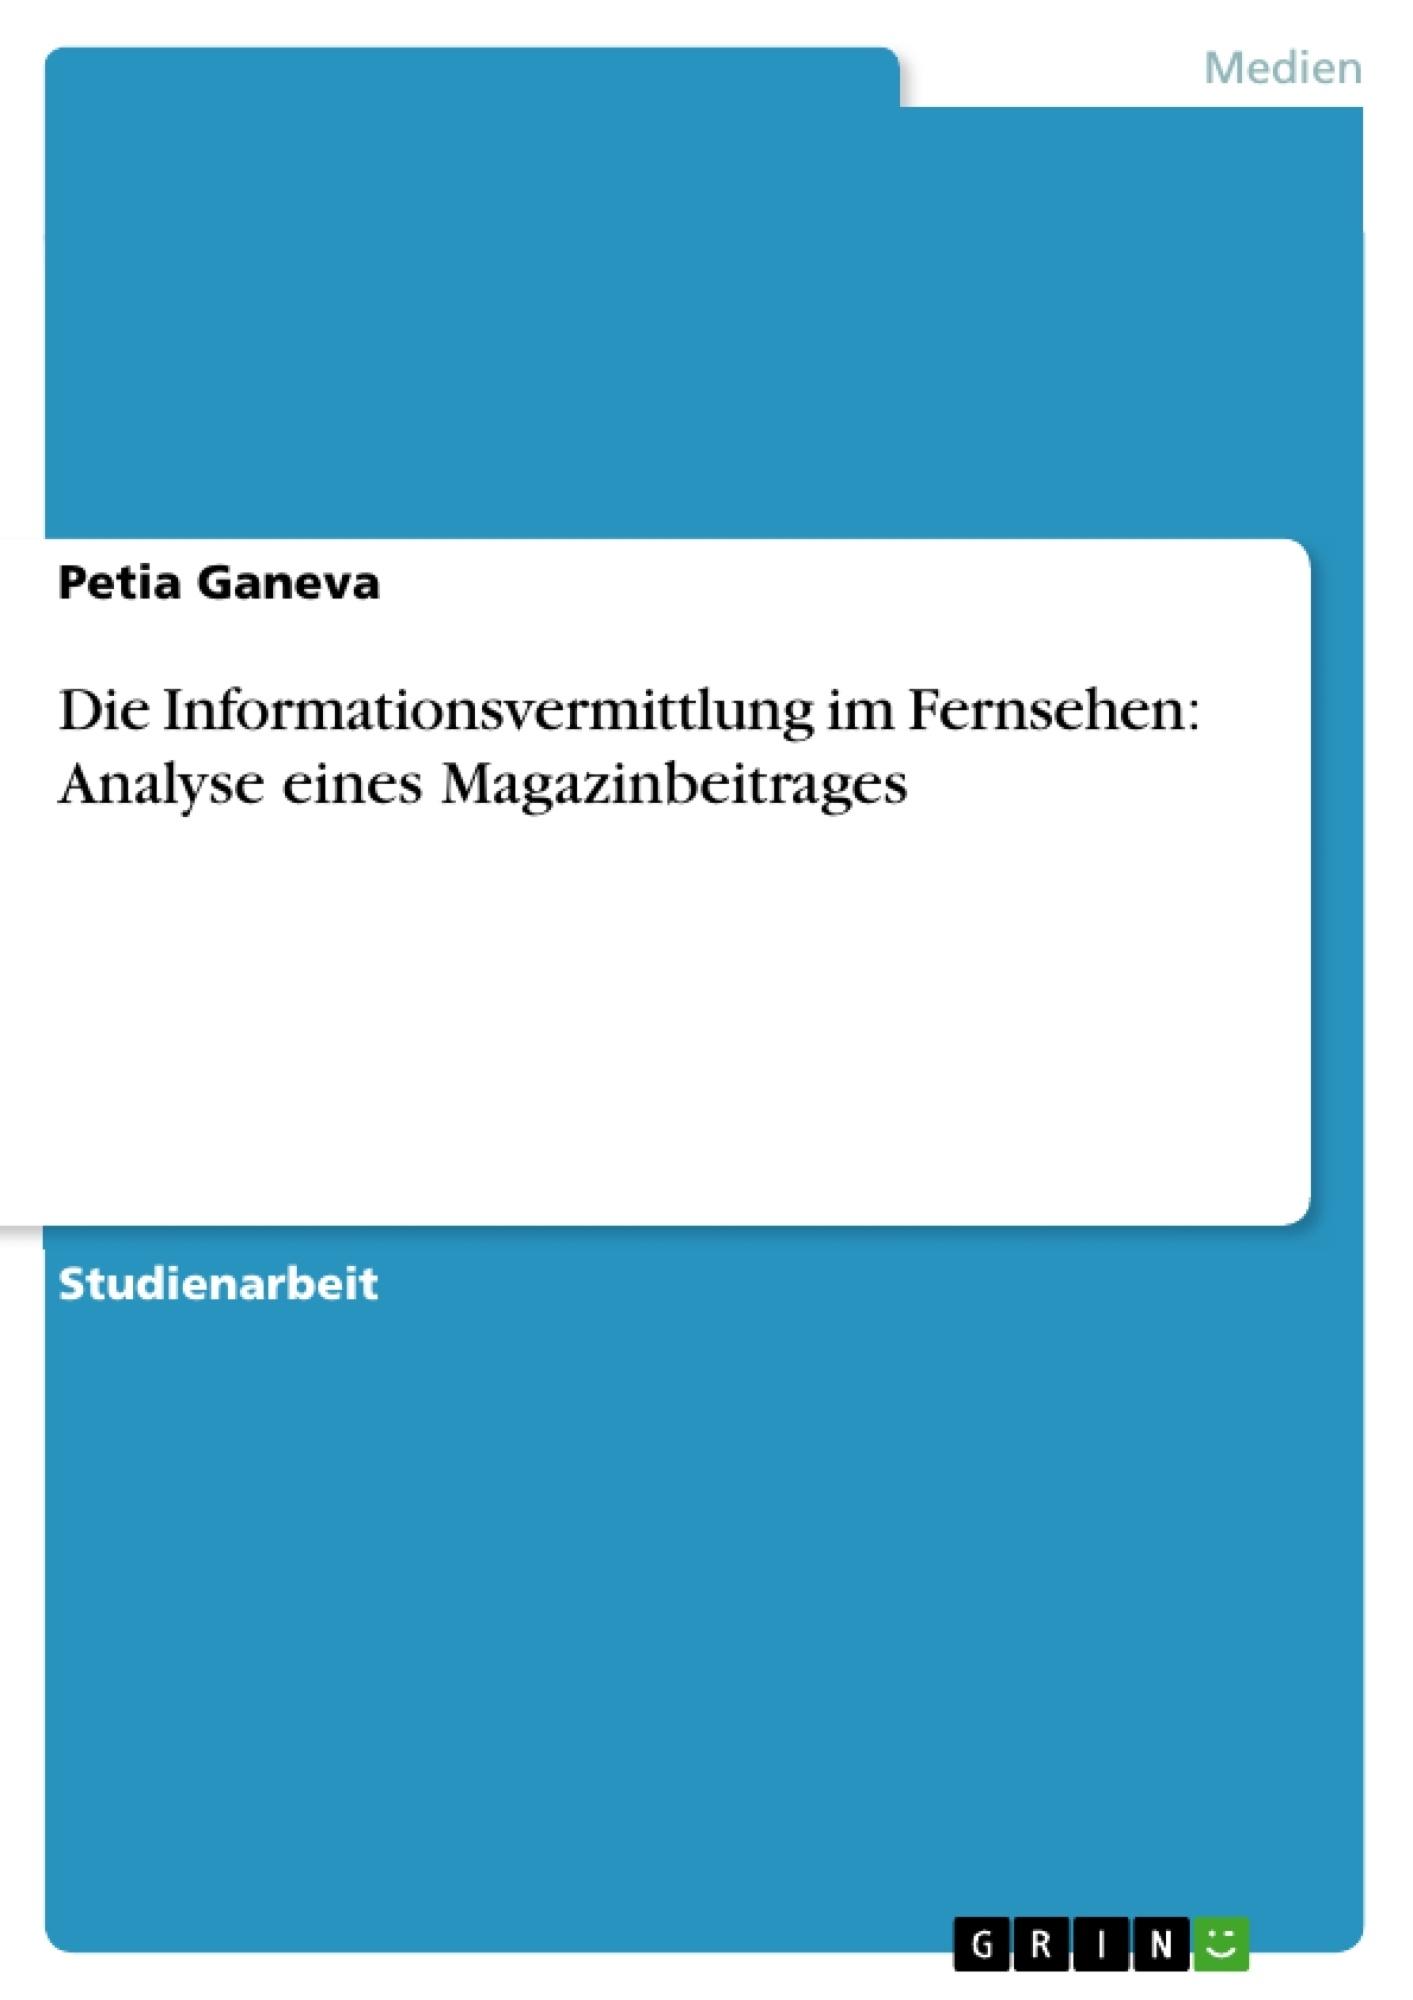 Titel: Die Informationsvermittlung im Fernsehen: Analyse eines Magazinbeitrages